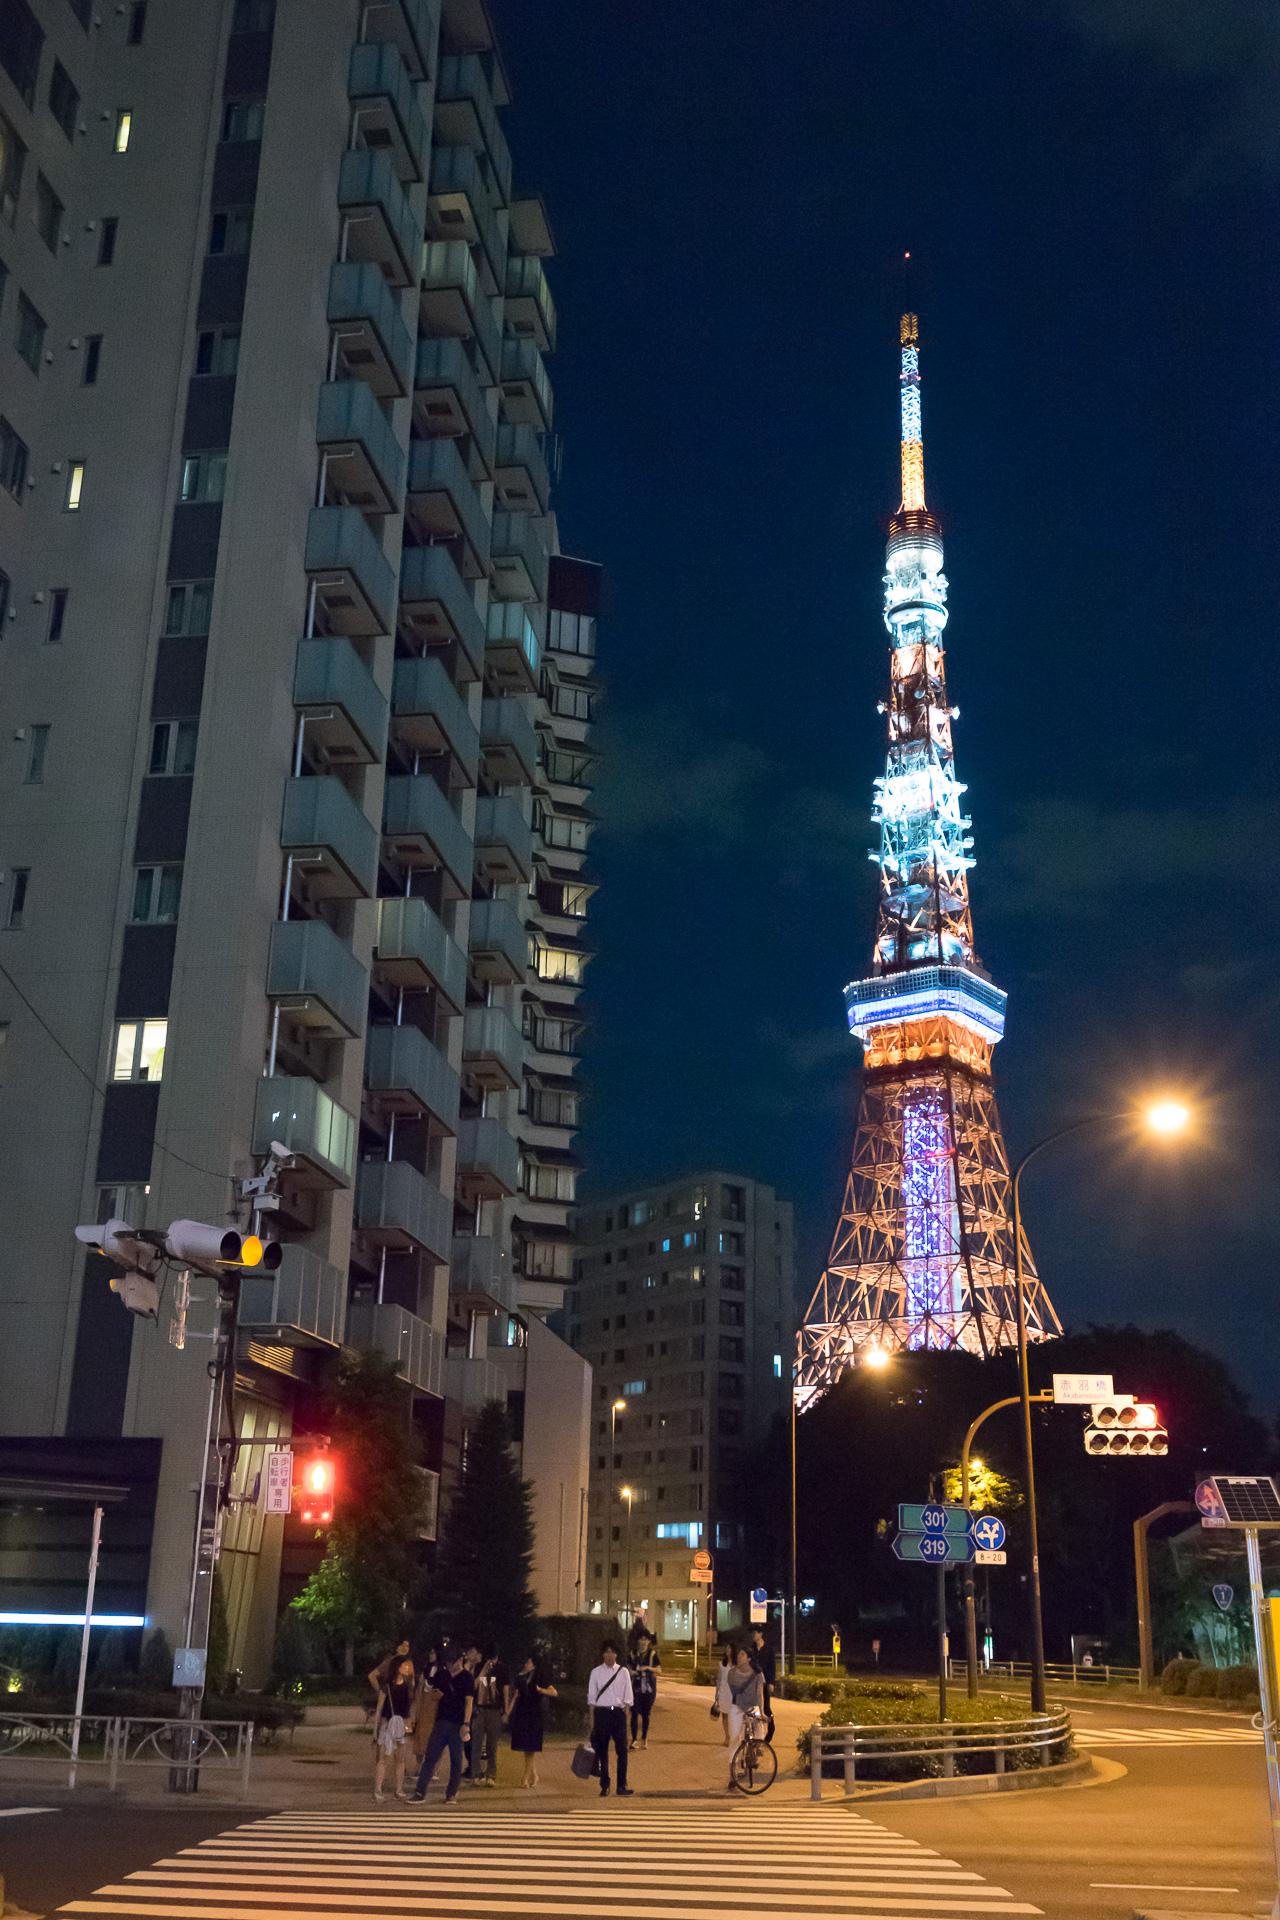 東京タワー SONY α7II, SONY Vario Tessar T* FE 16-35mm F4 ZA OSS